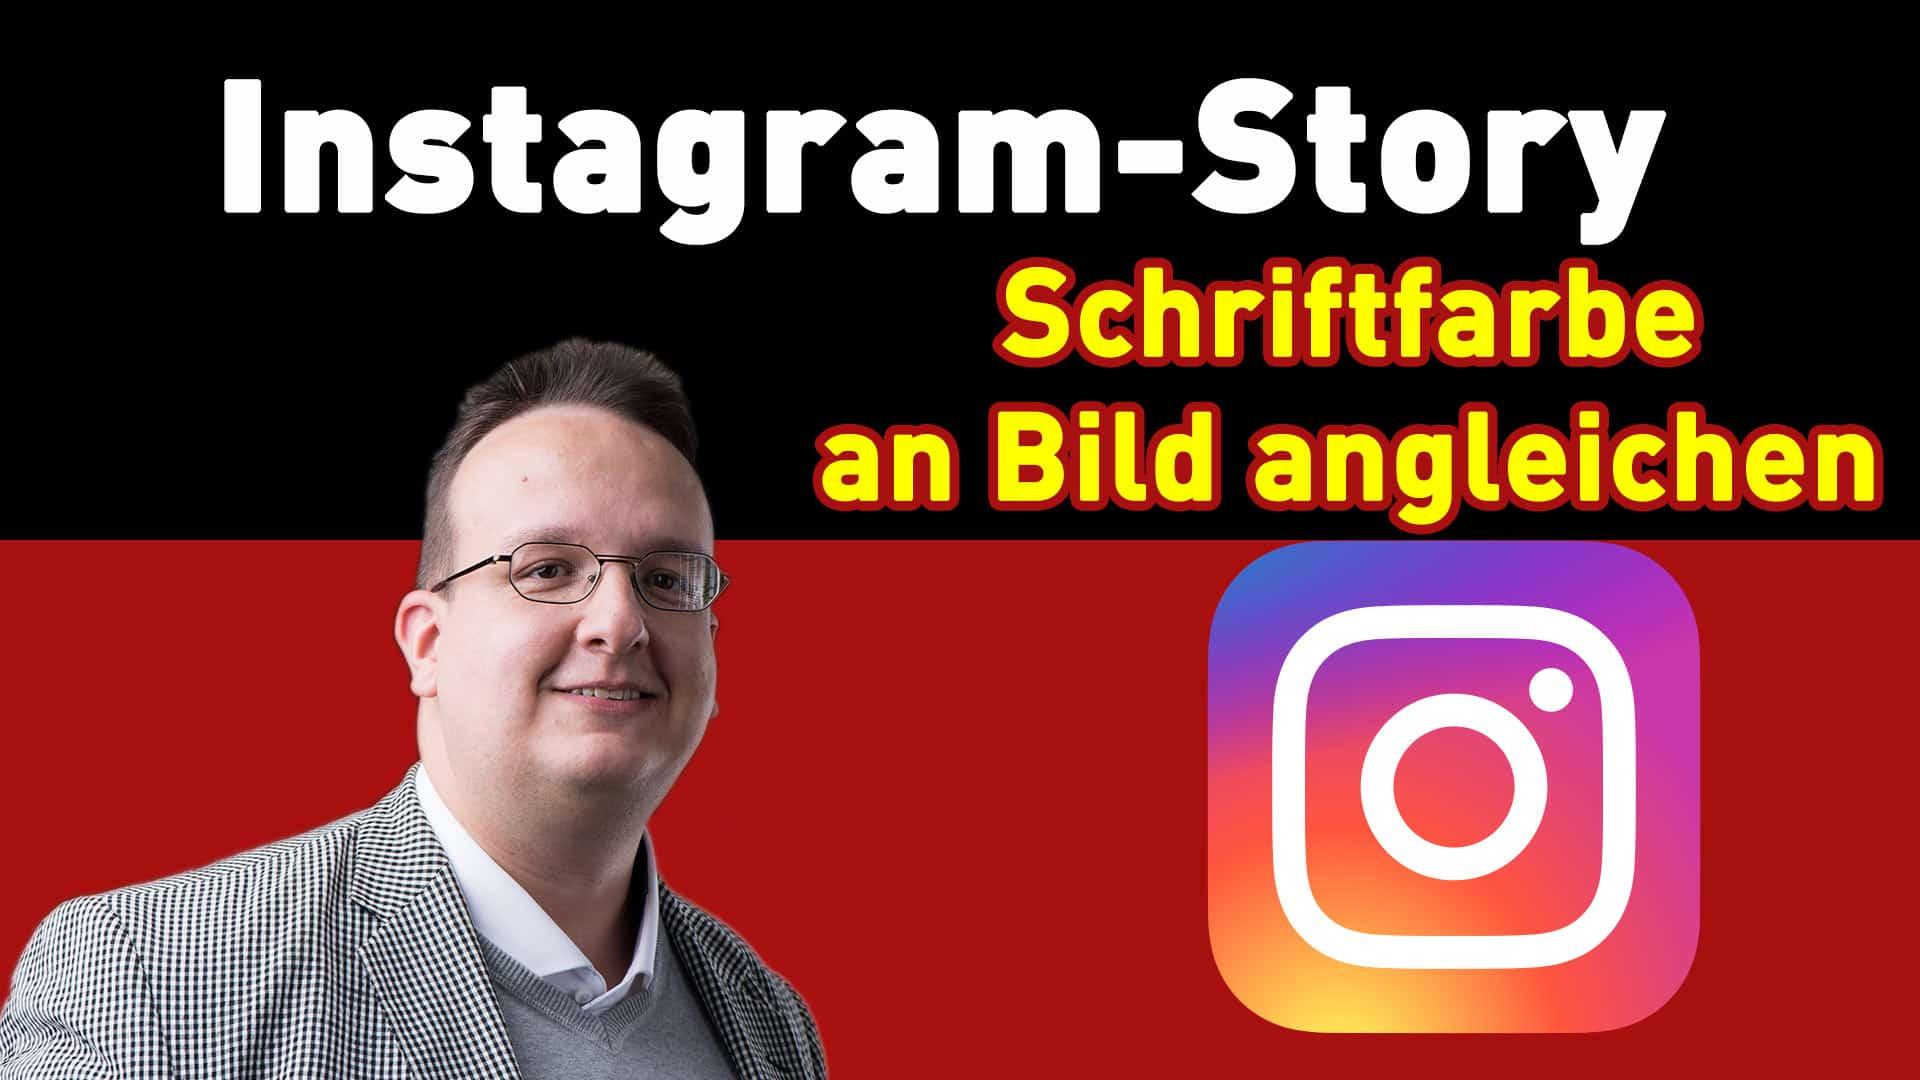 instagram story hack schrift an bild angleichen - Home